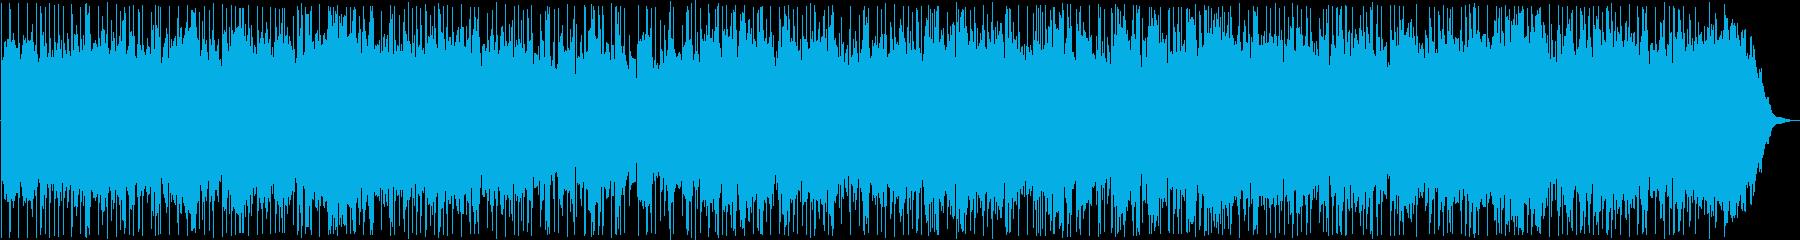 つぃんだら節 / 沖縄民謡の再生済みの波形